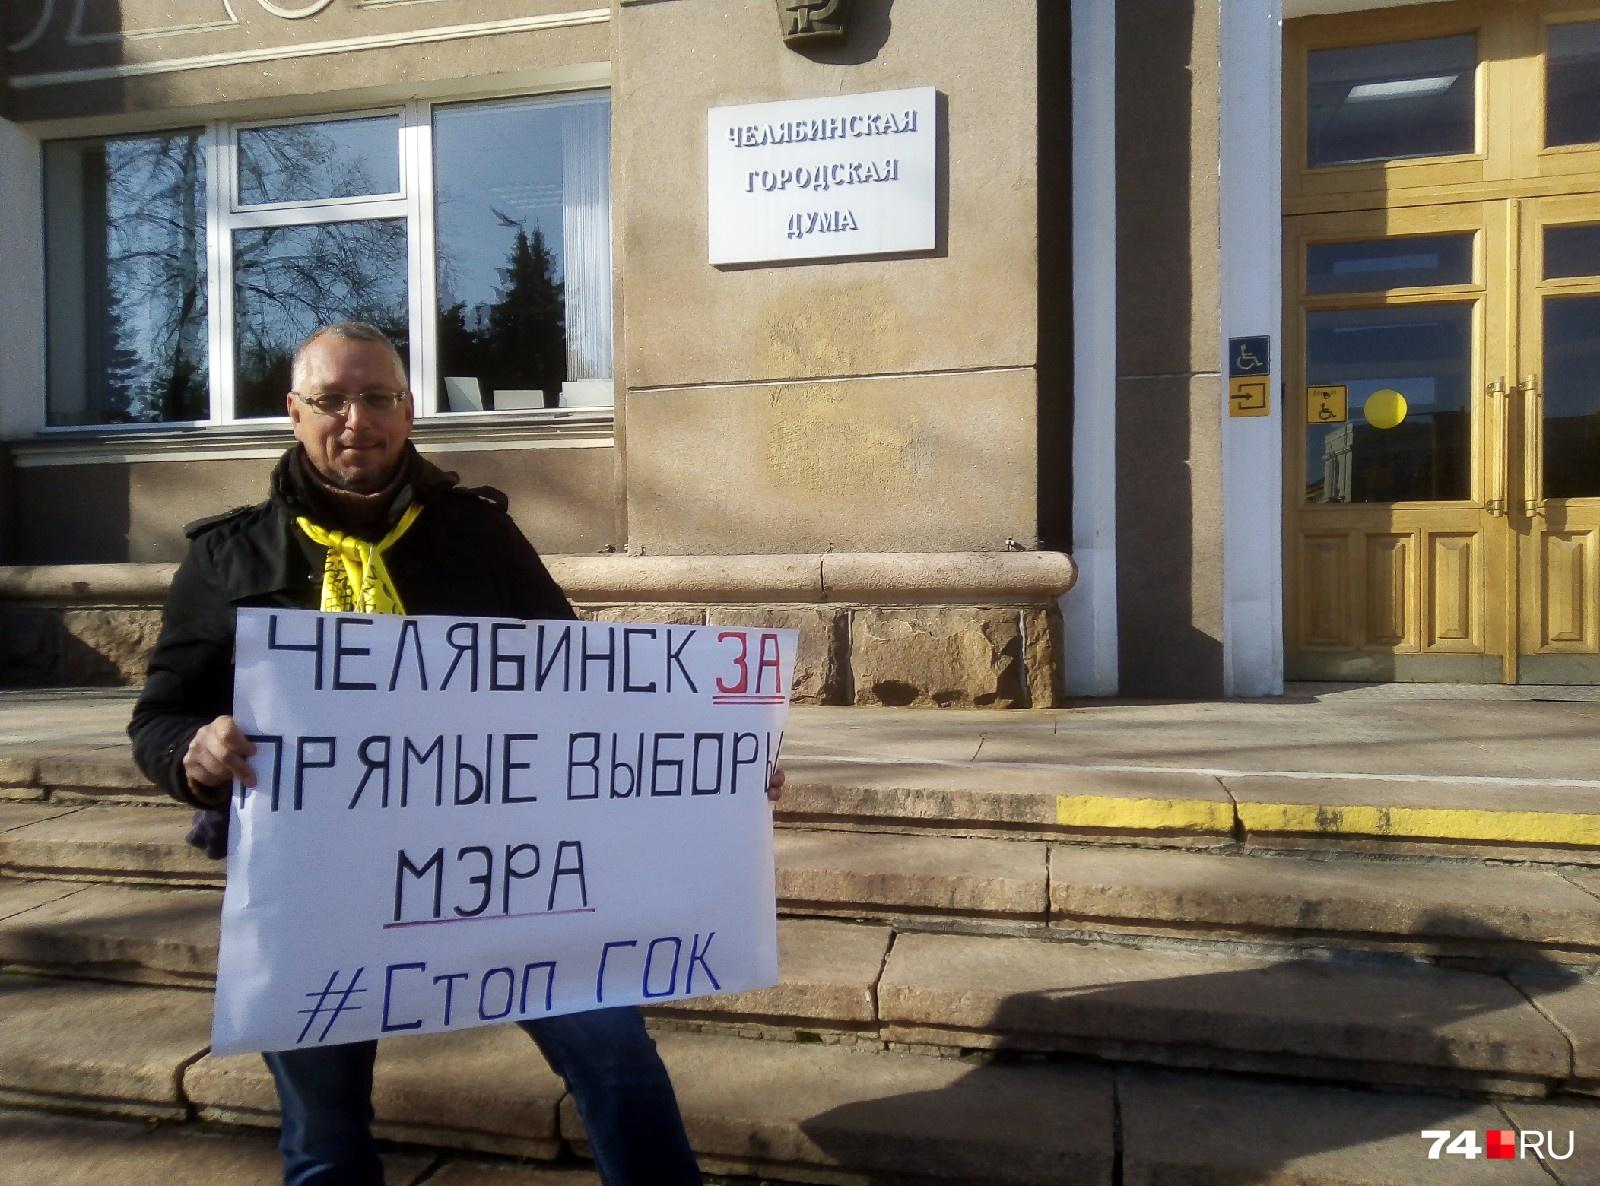 Лидер движения «Стоп ГОК» и экс-кандидат на конкурс главы Челябинска Василий Московец сегодня провёл возле администрации одиночный пикет за прямые выборы мэра